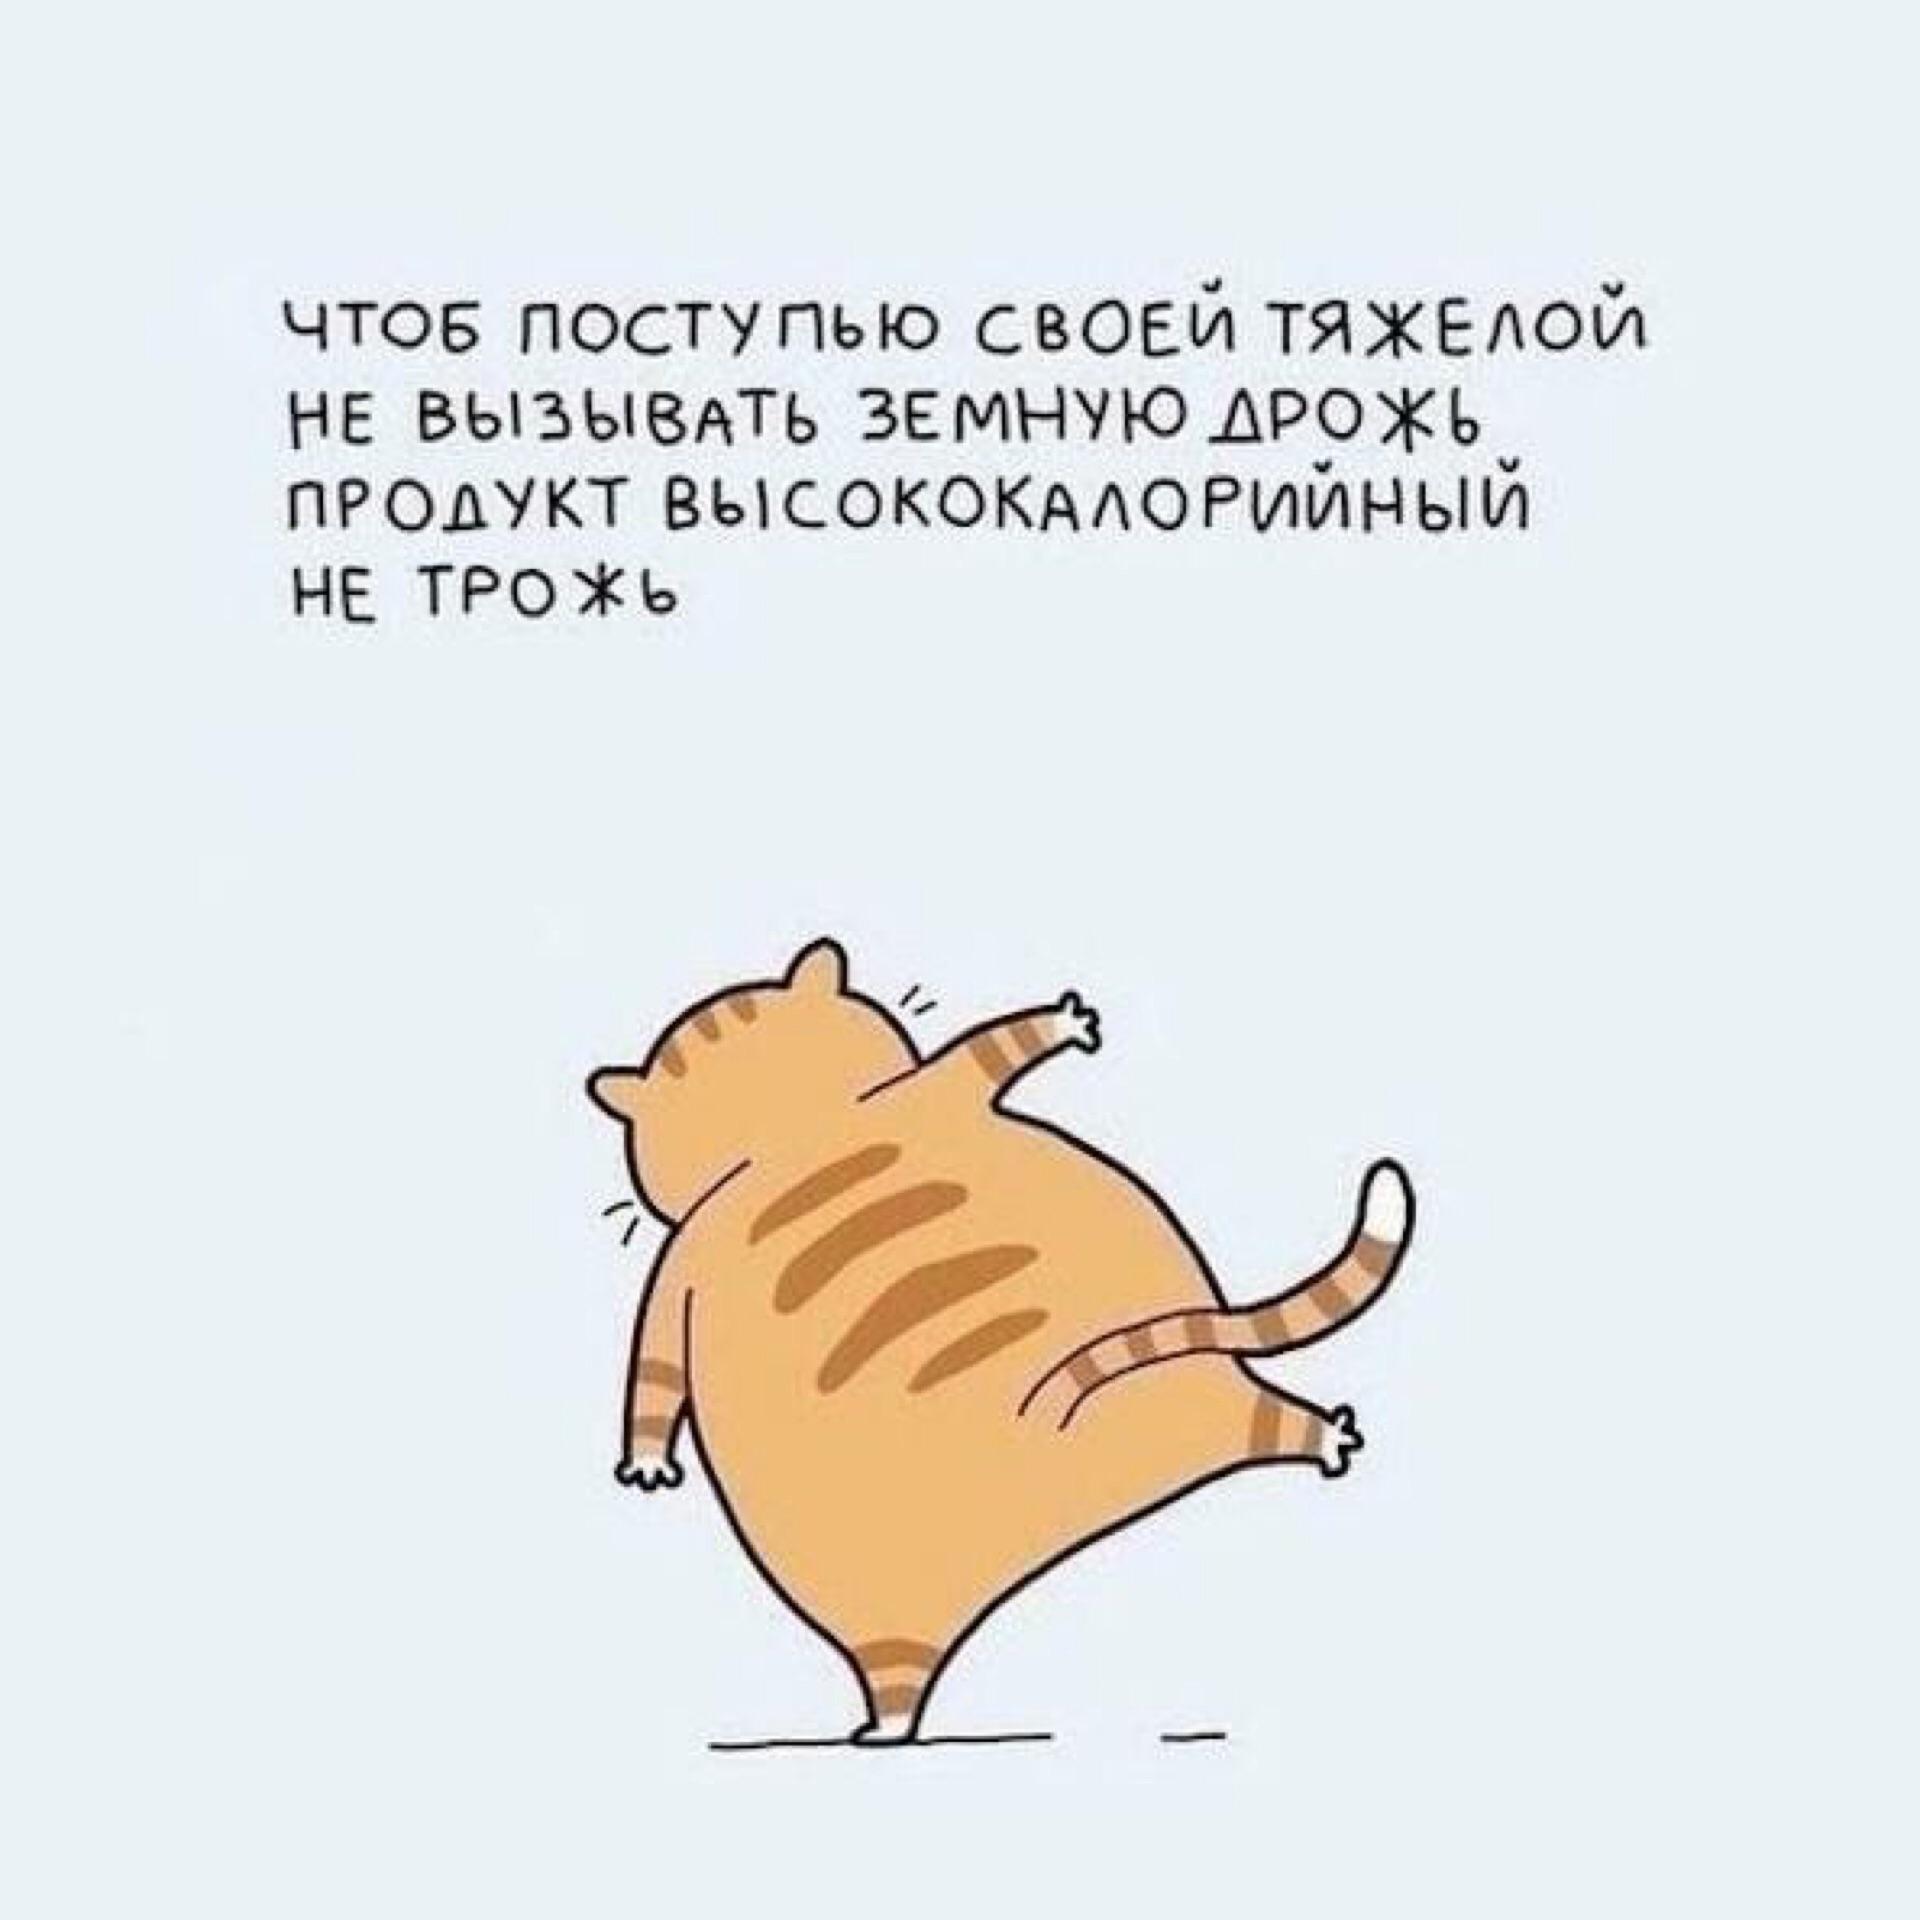 картинки мотиваторы для похудения позитивные смешные такая картина